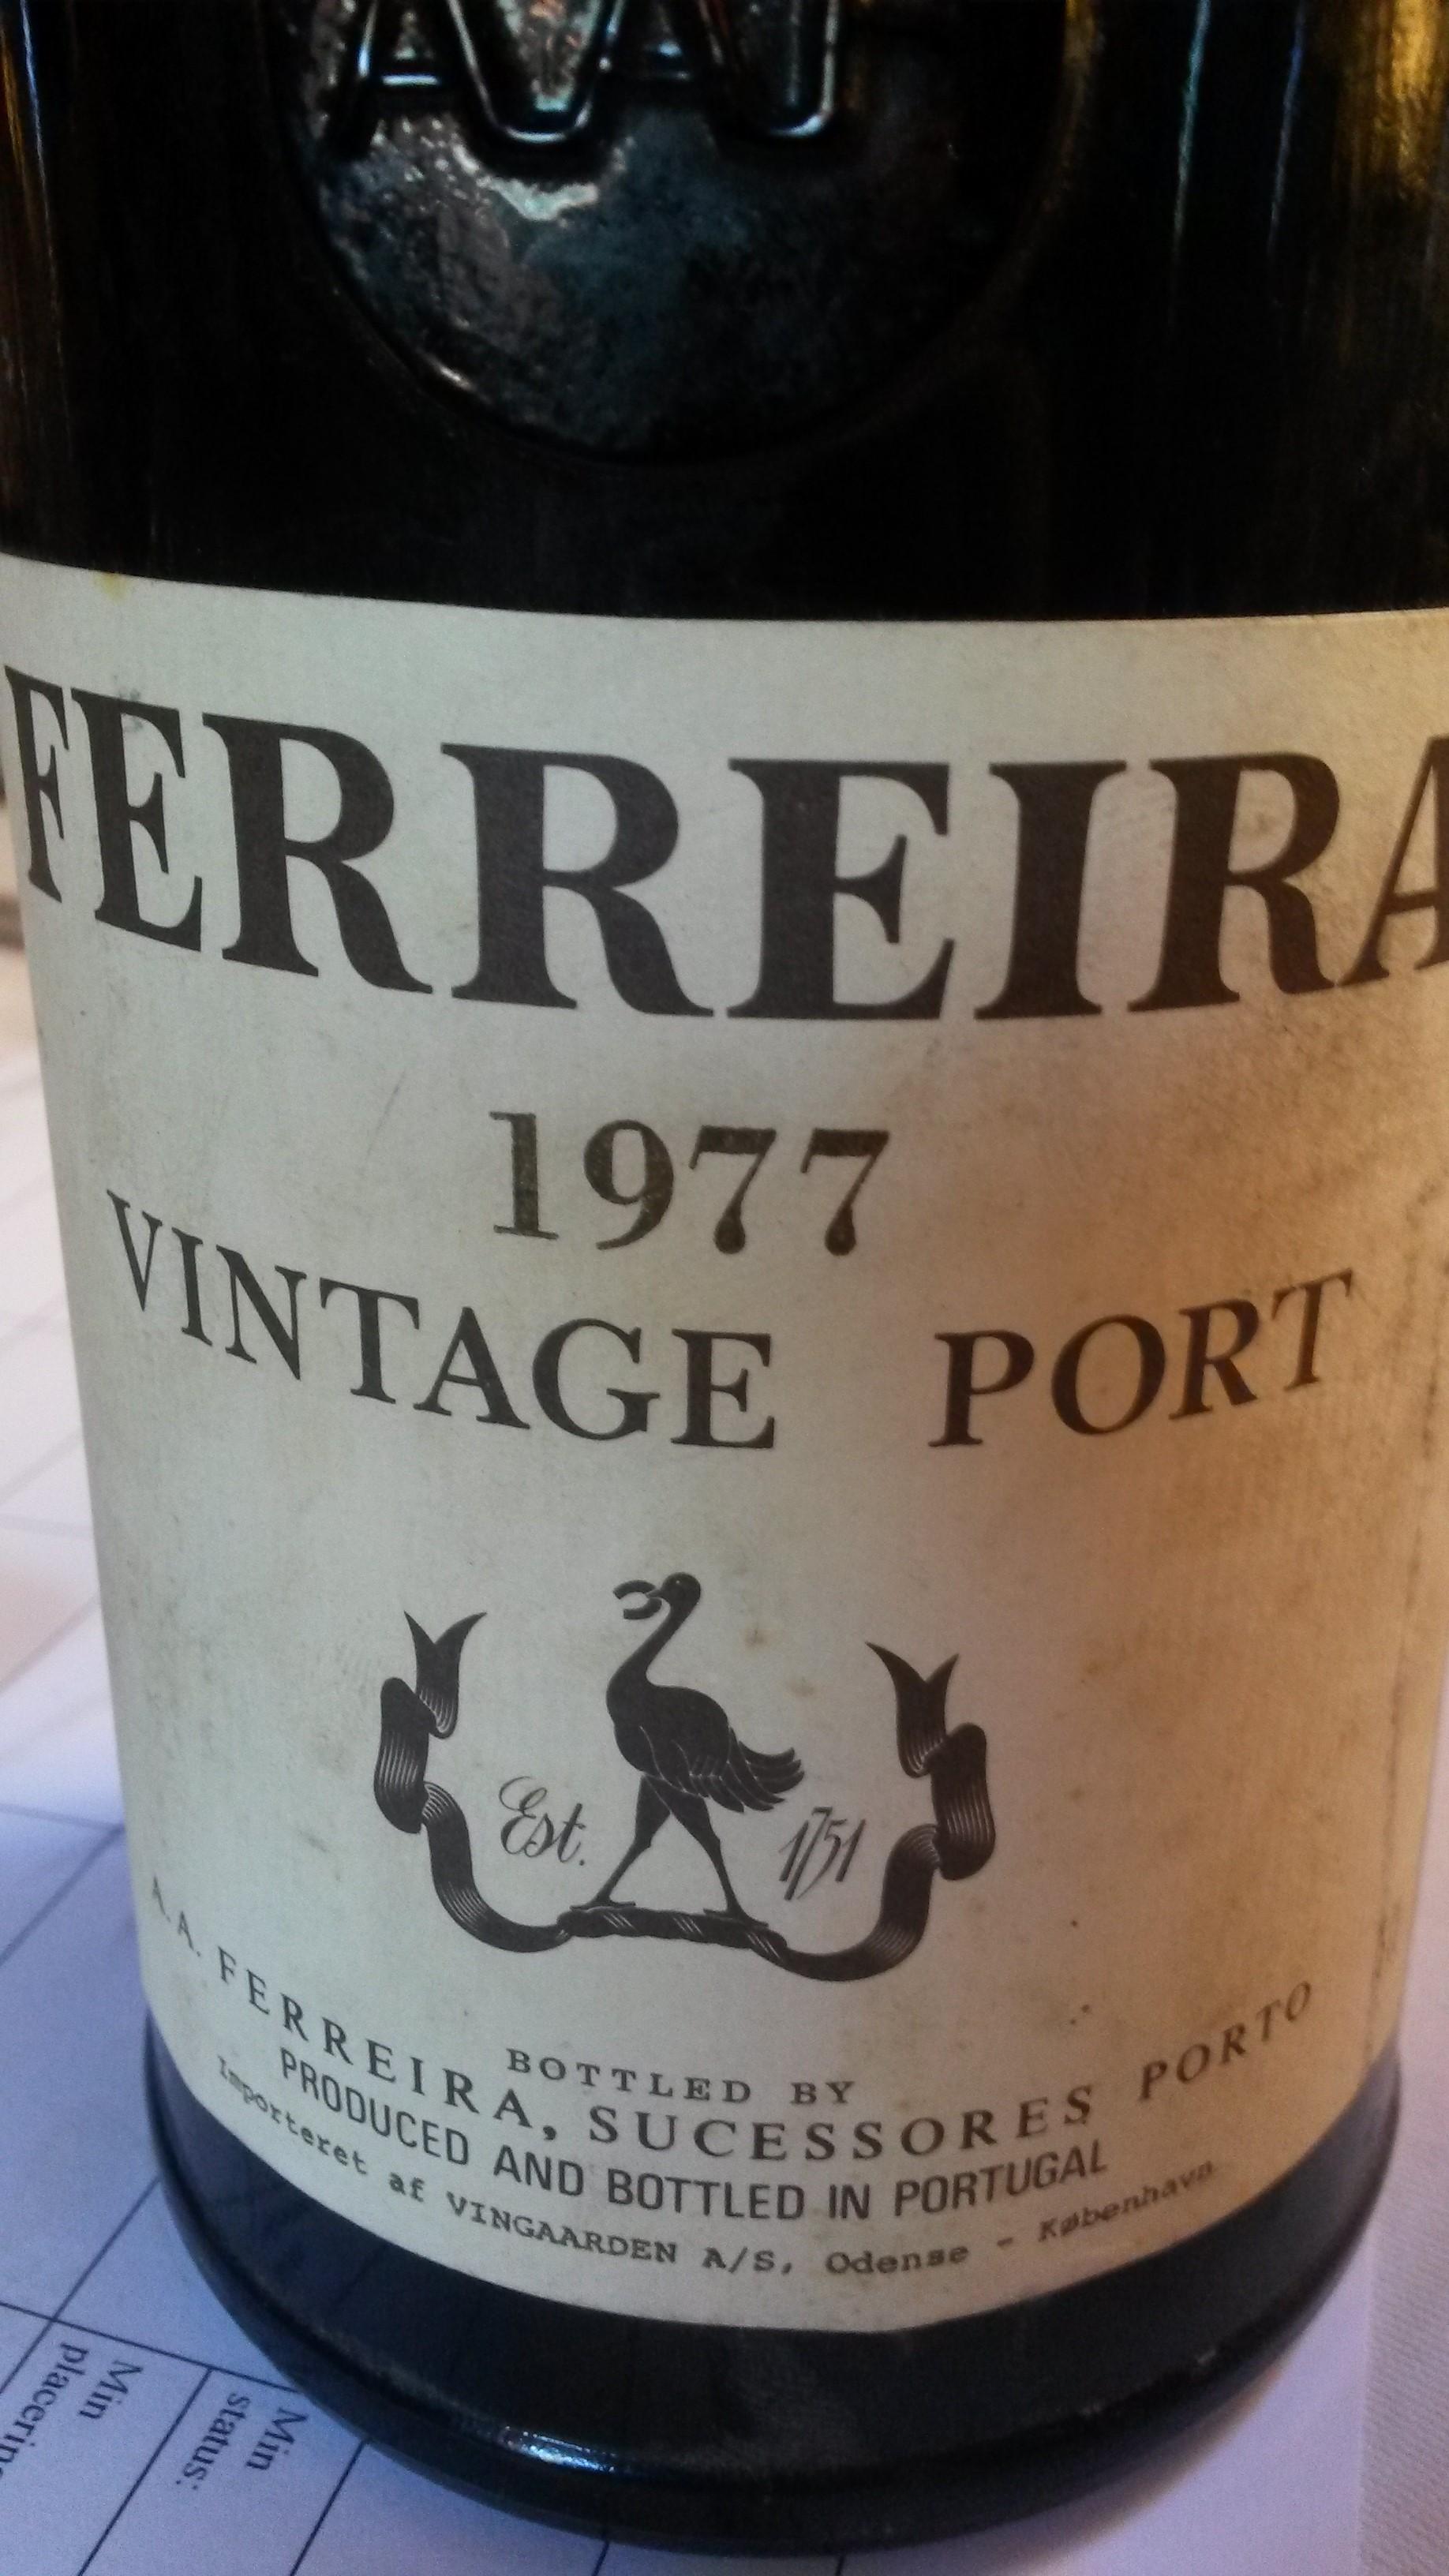 Ferreira 1977